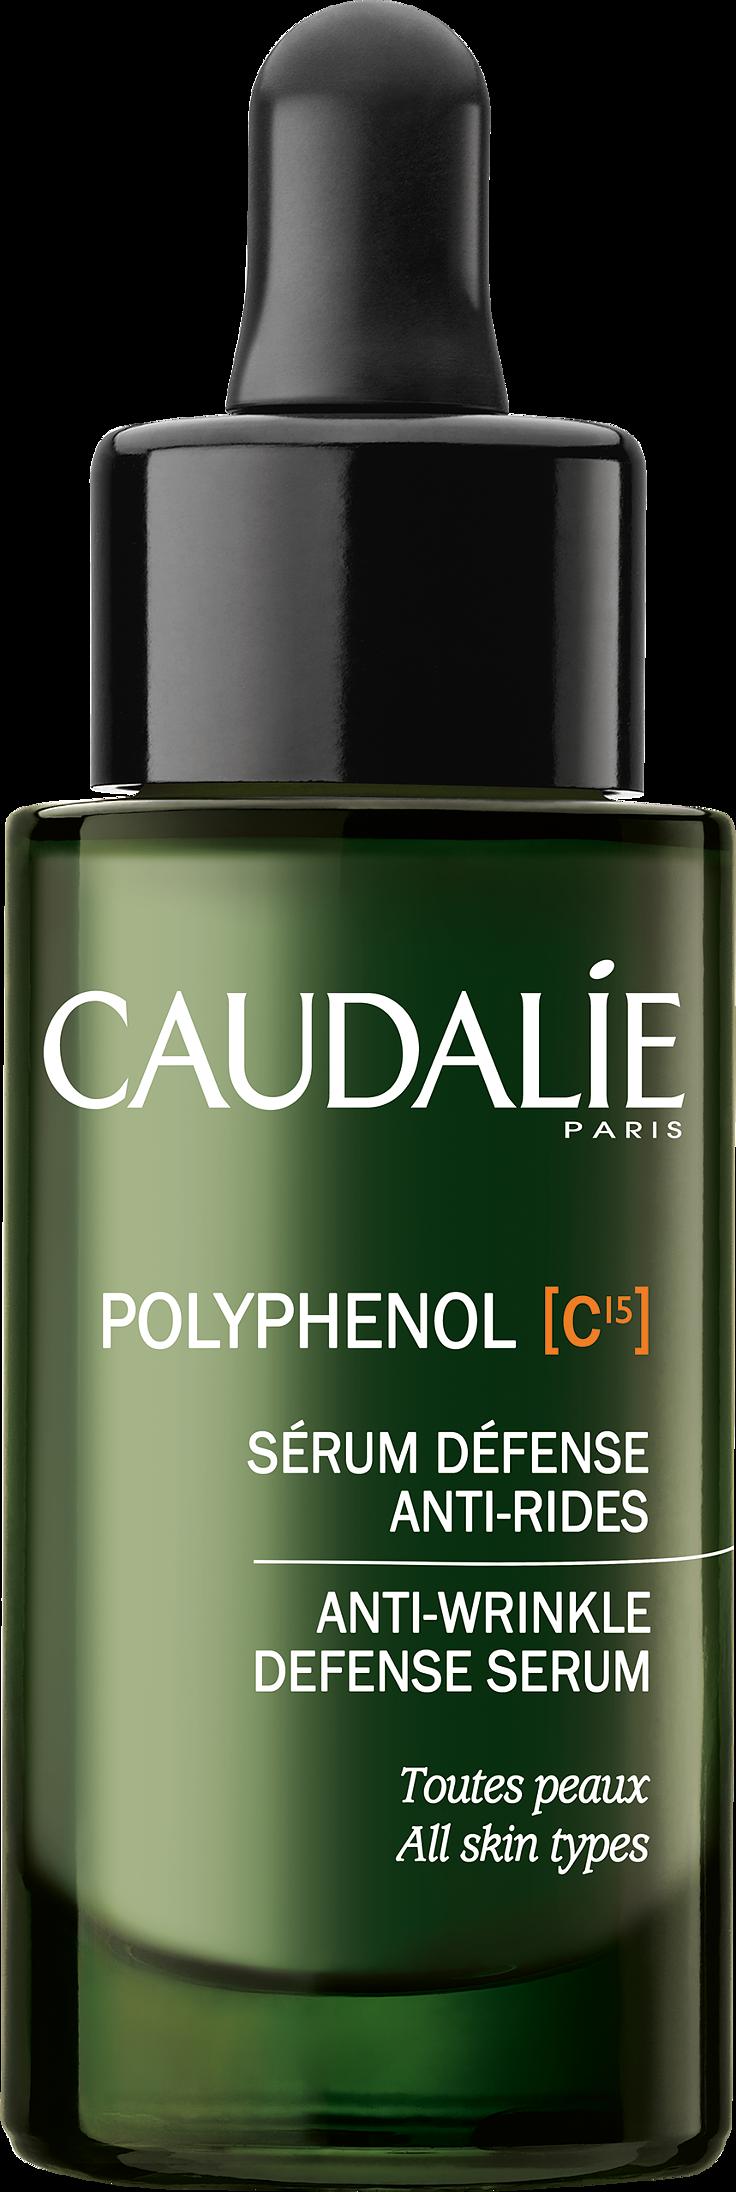 caudalie serum defense anti rides